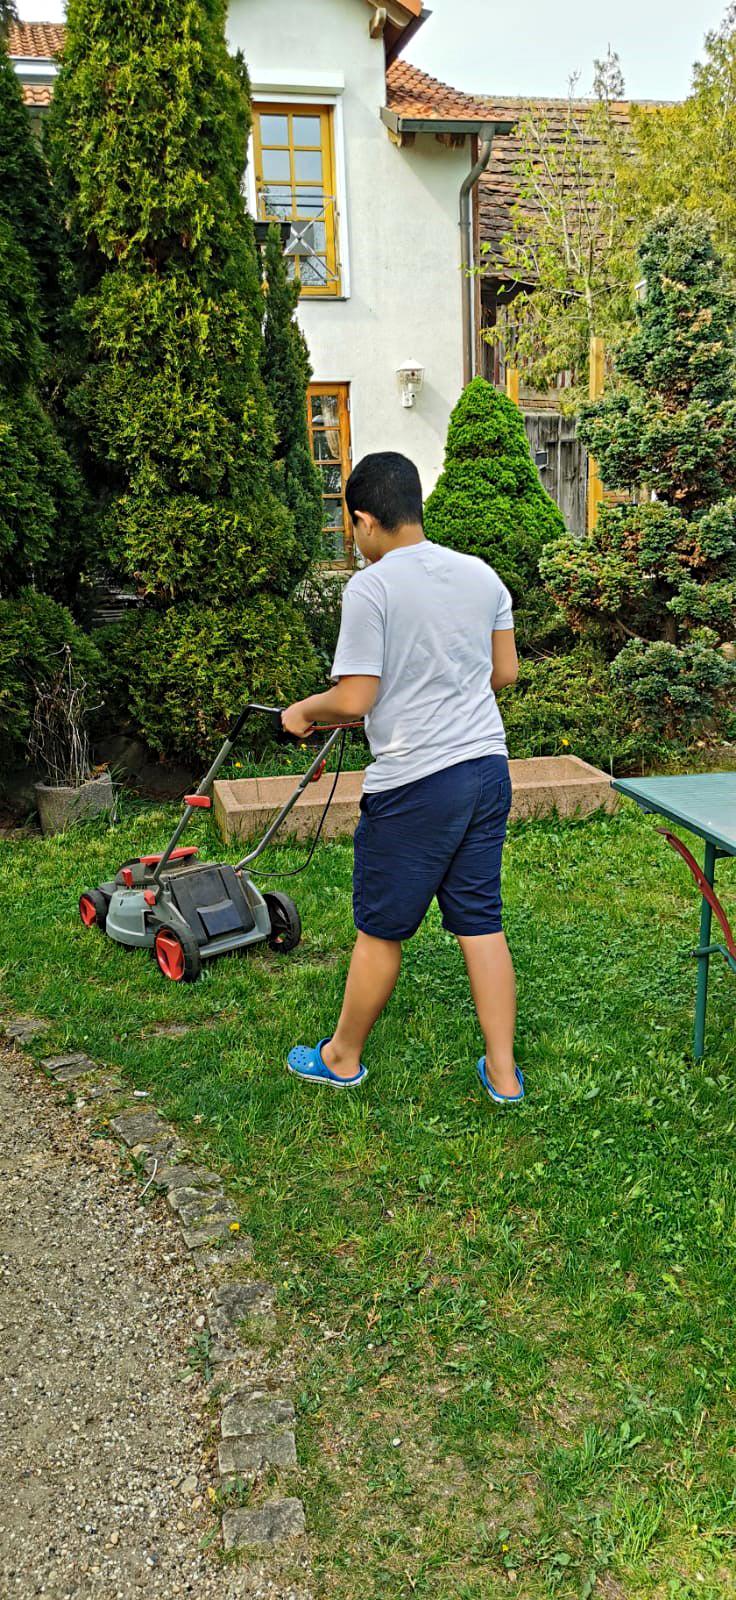 Gartenarbeit in der Stationären Jugendhilfe in Rägelin-Temnitzquell der navitas gGmbH